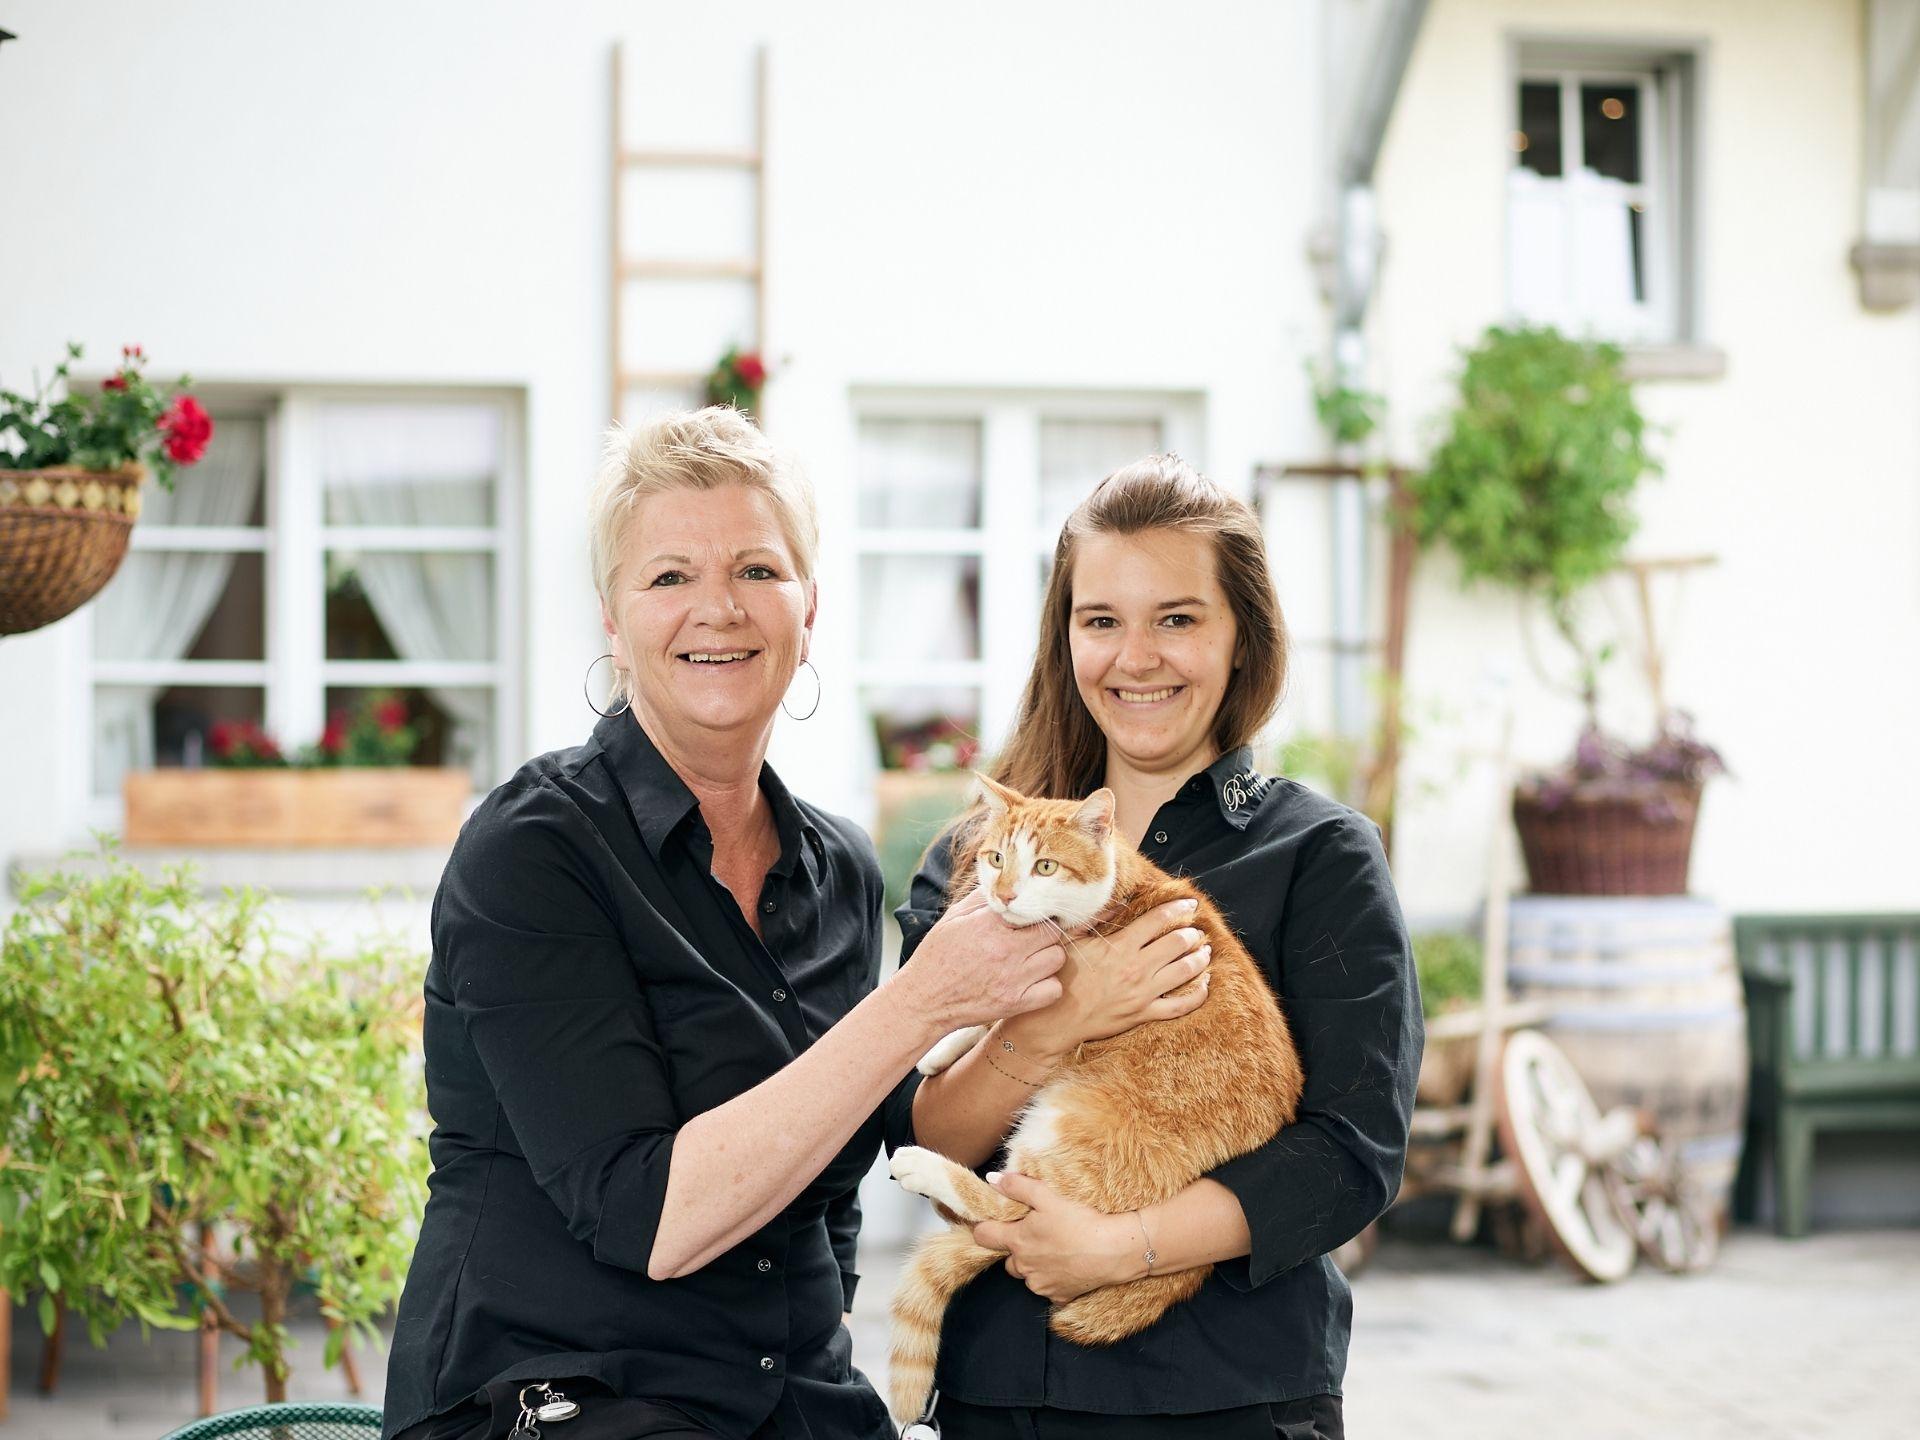 Zwei Frauen mit Katze auf den Armen